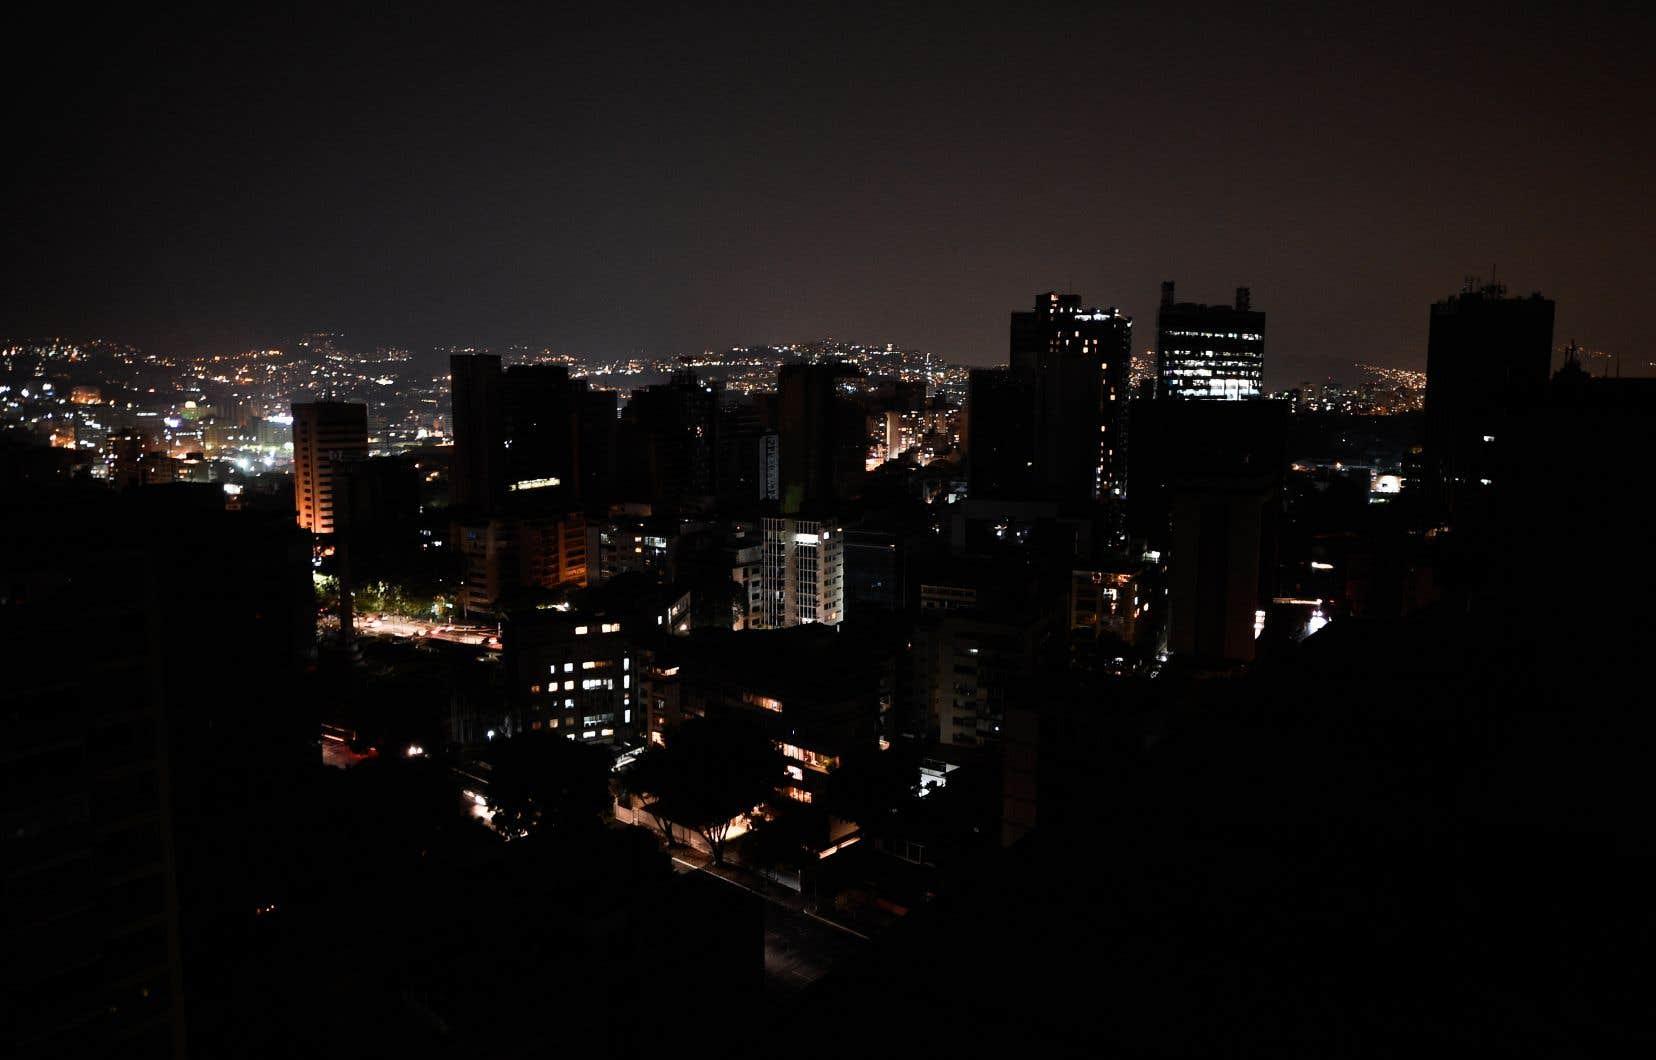 <p>Depuis le 7mars, les coupures d'électricité ont été sporadiques au Venezuela, affectant notamment les services de distribution d'eau, les transports et les réseaux de téléphone et Internet.</p>